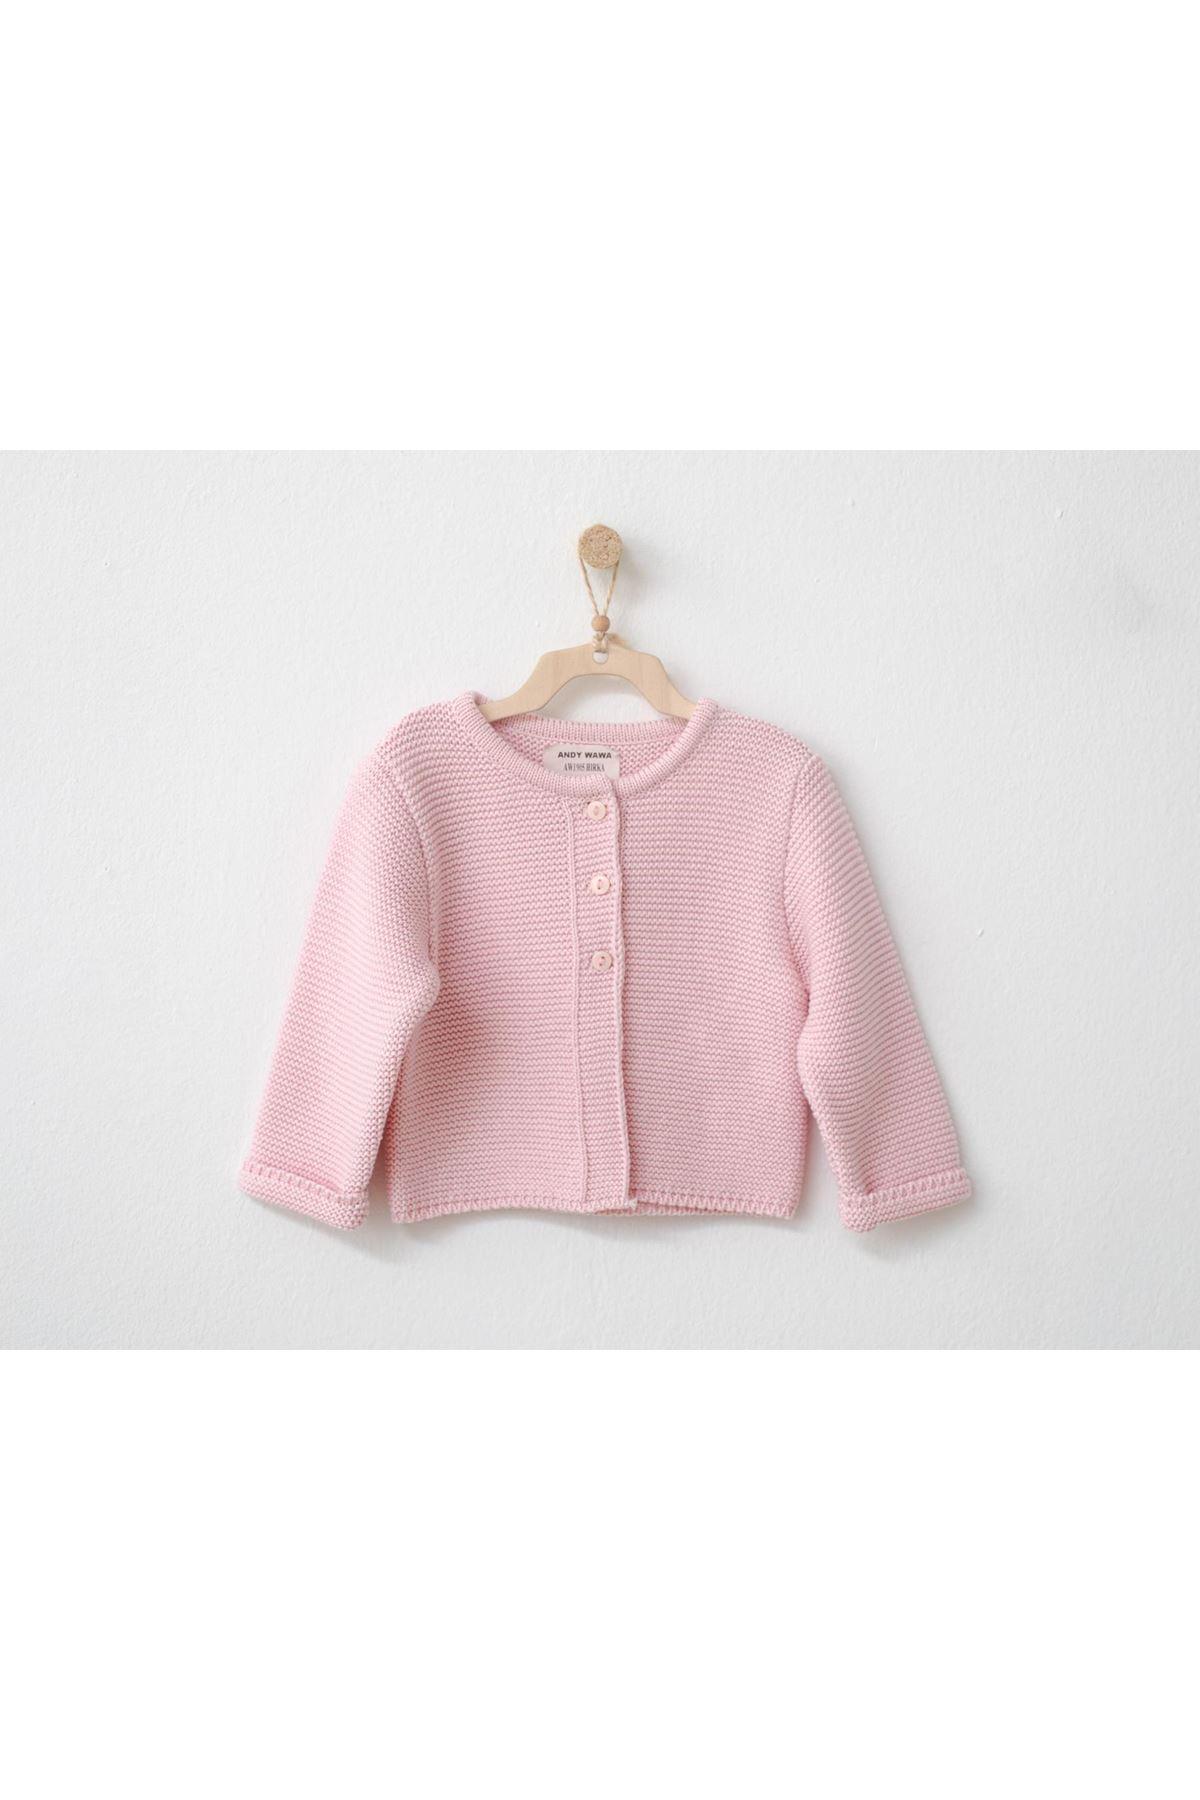 Andywawa AC21256 Knitwear Basic Bebek Ceket Pink